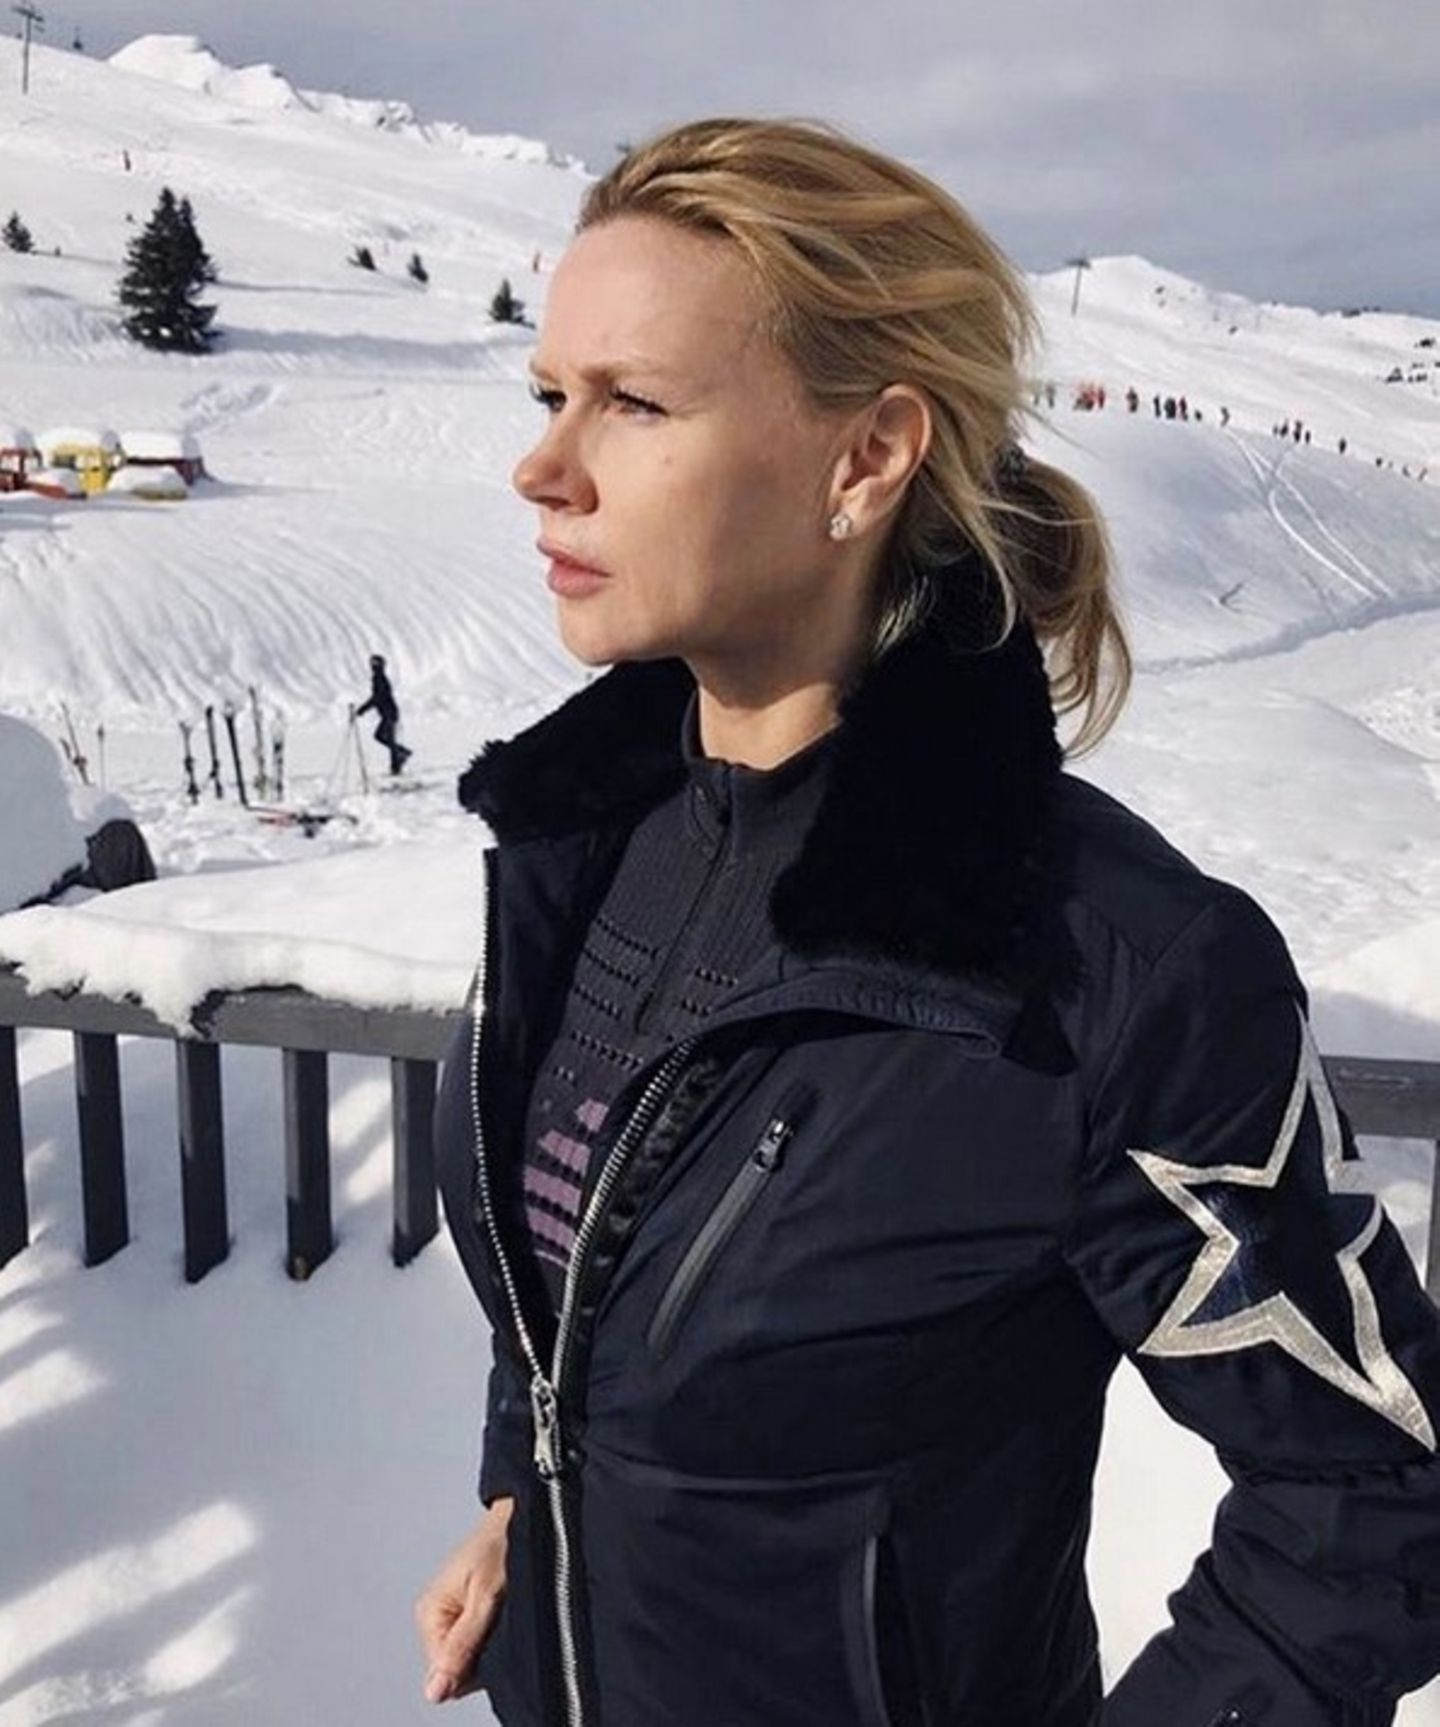 Passend zu den olympischen Winterspielen postet Veronica Ferres ein hübsches Foto in einer romantischen Schneelandschaft.